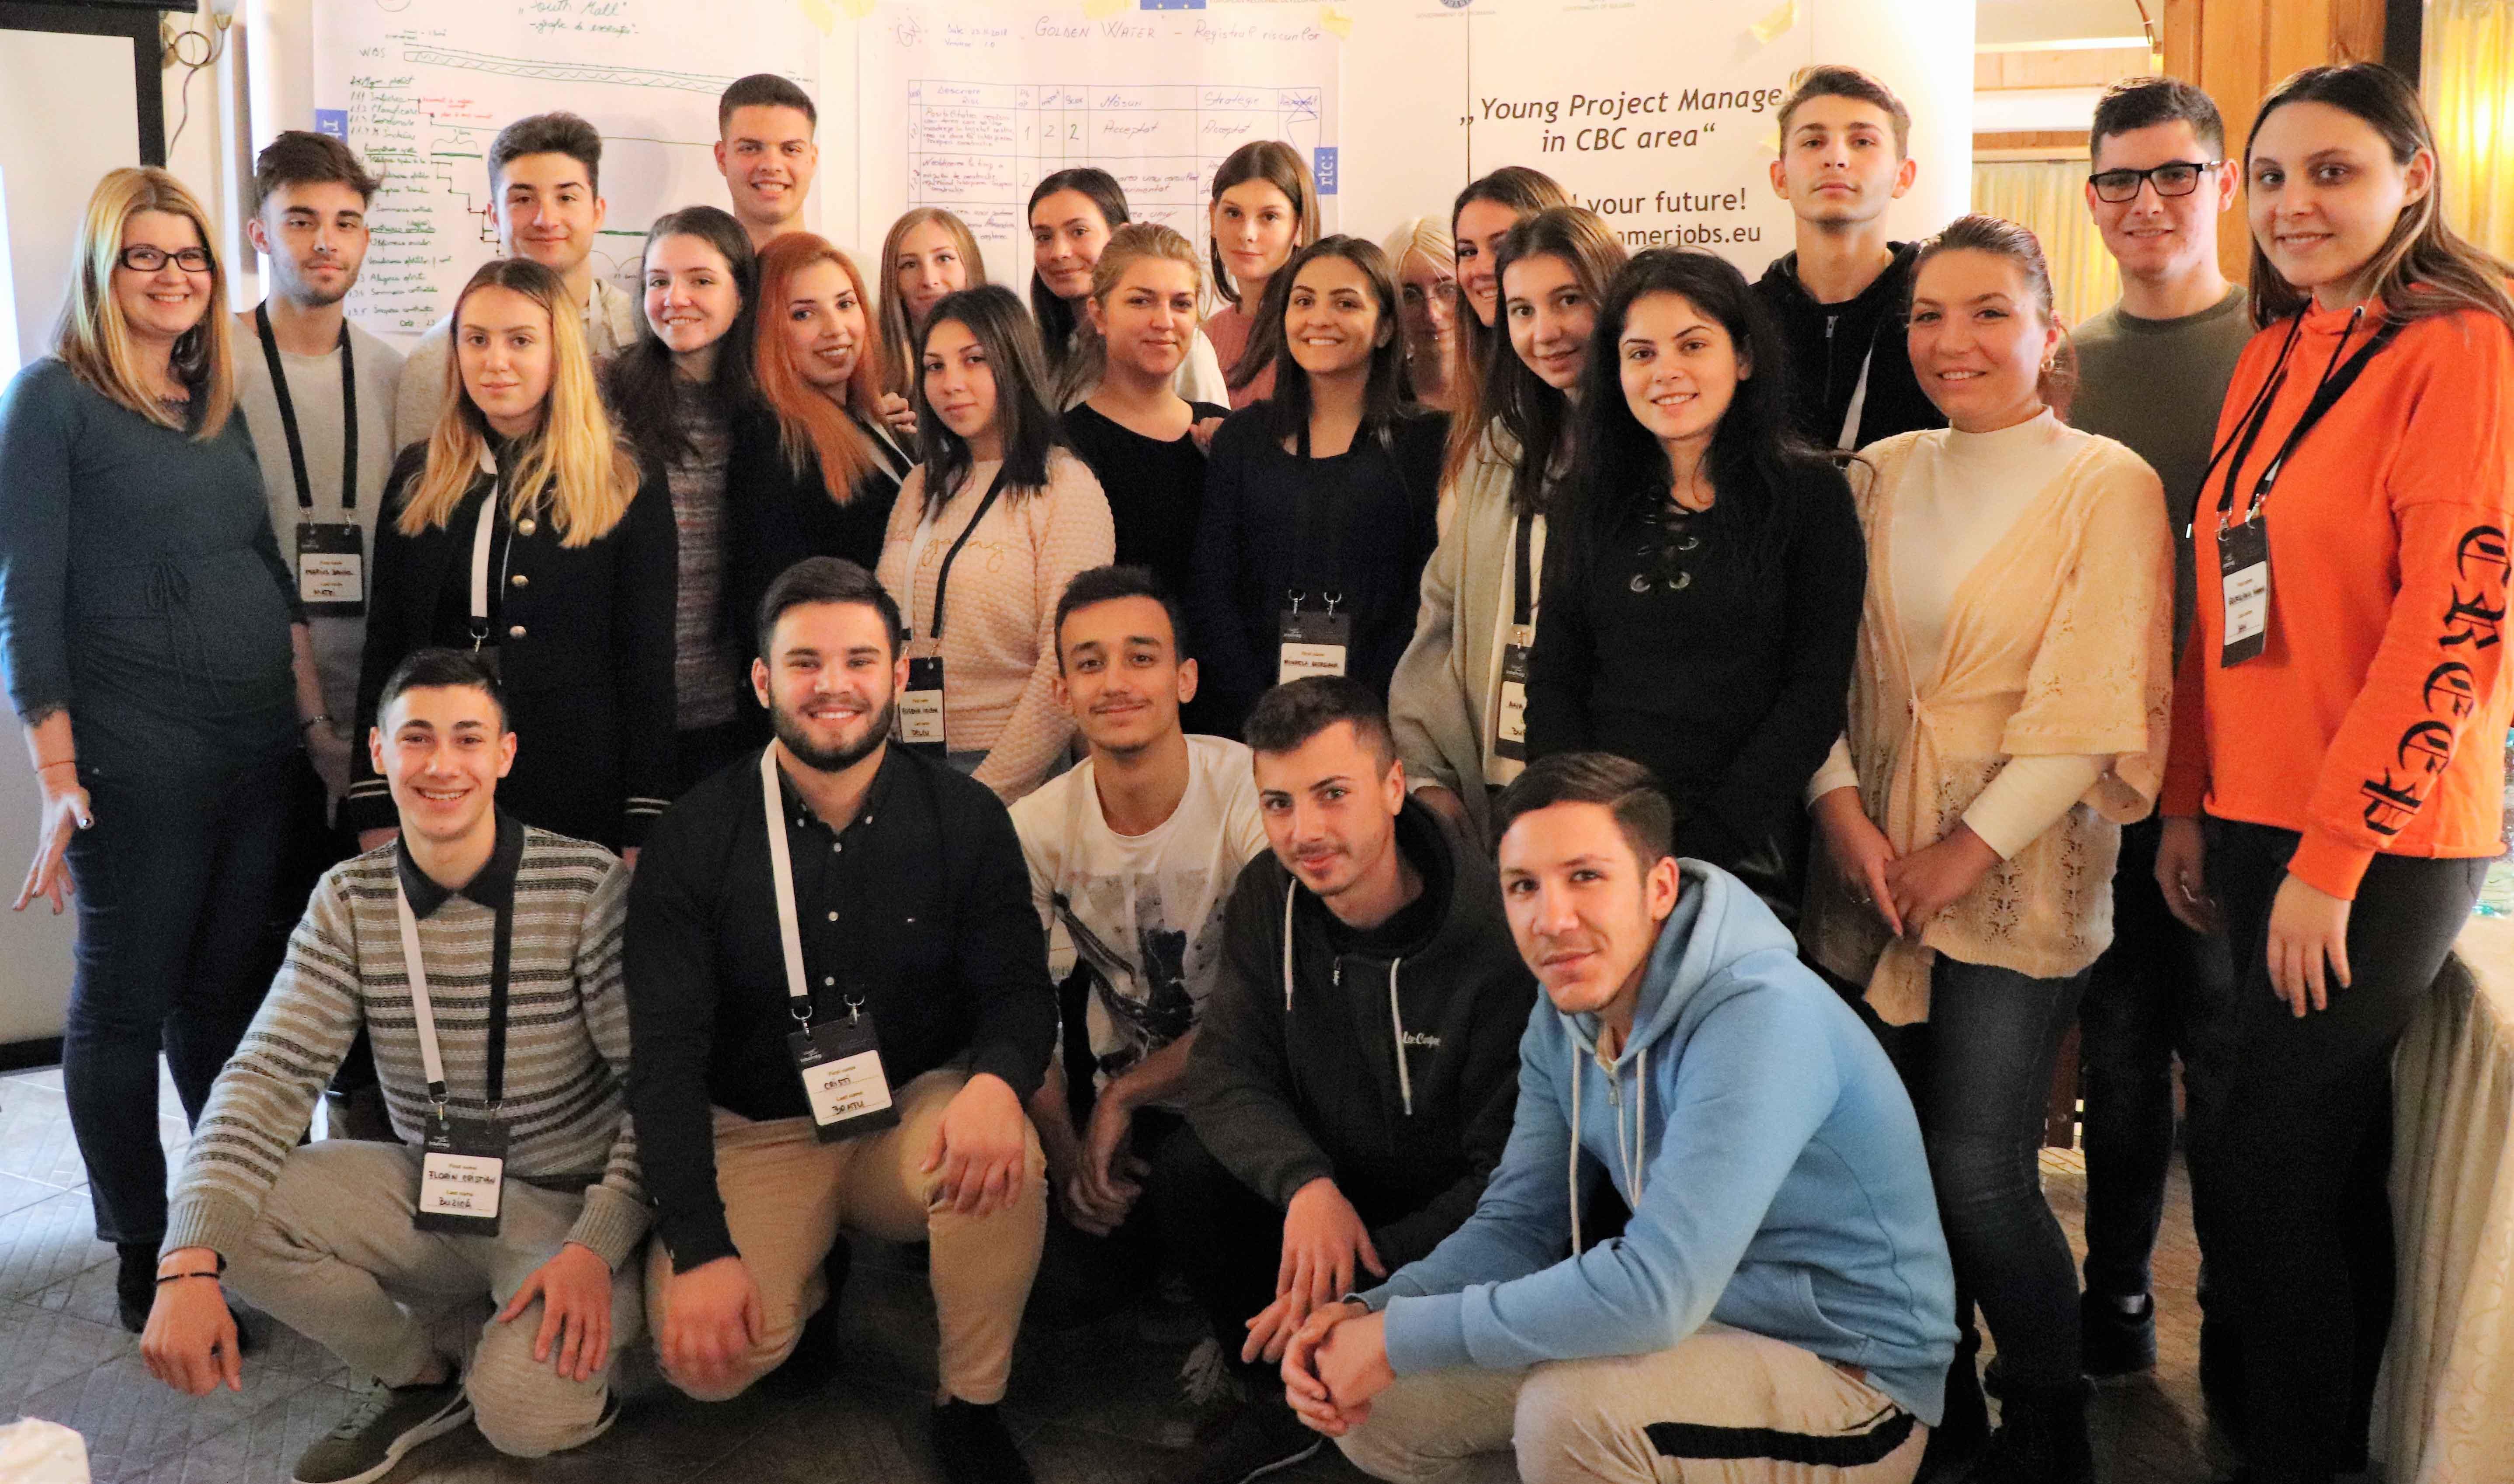 """25 de liceeni din Alexandria, instruiți în domeniul Managementului de proiect, prin """"Young Project Manager in CBC area""""!"""